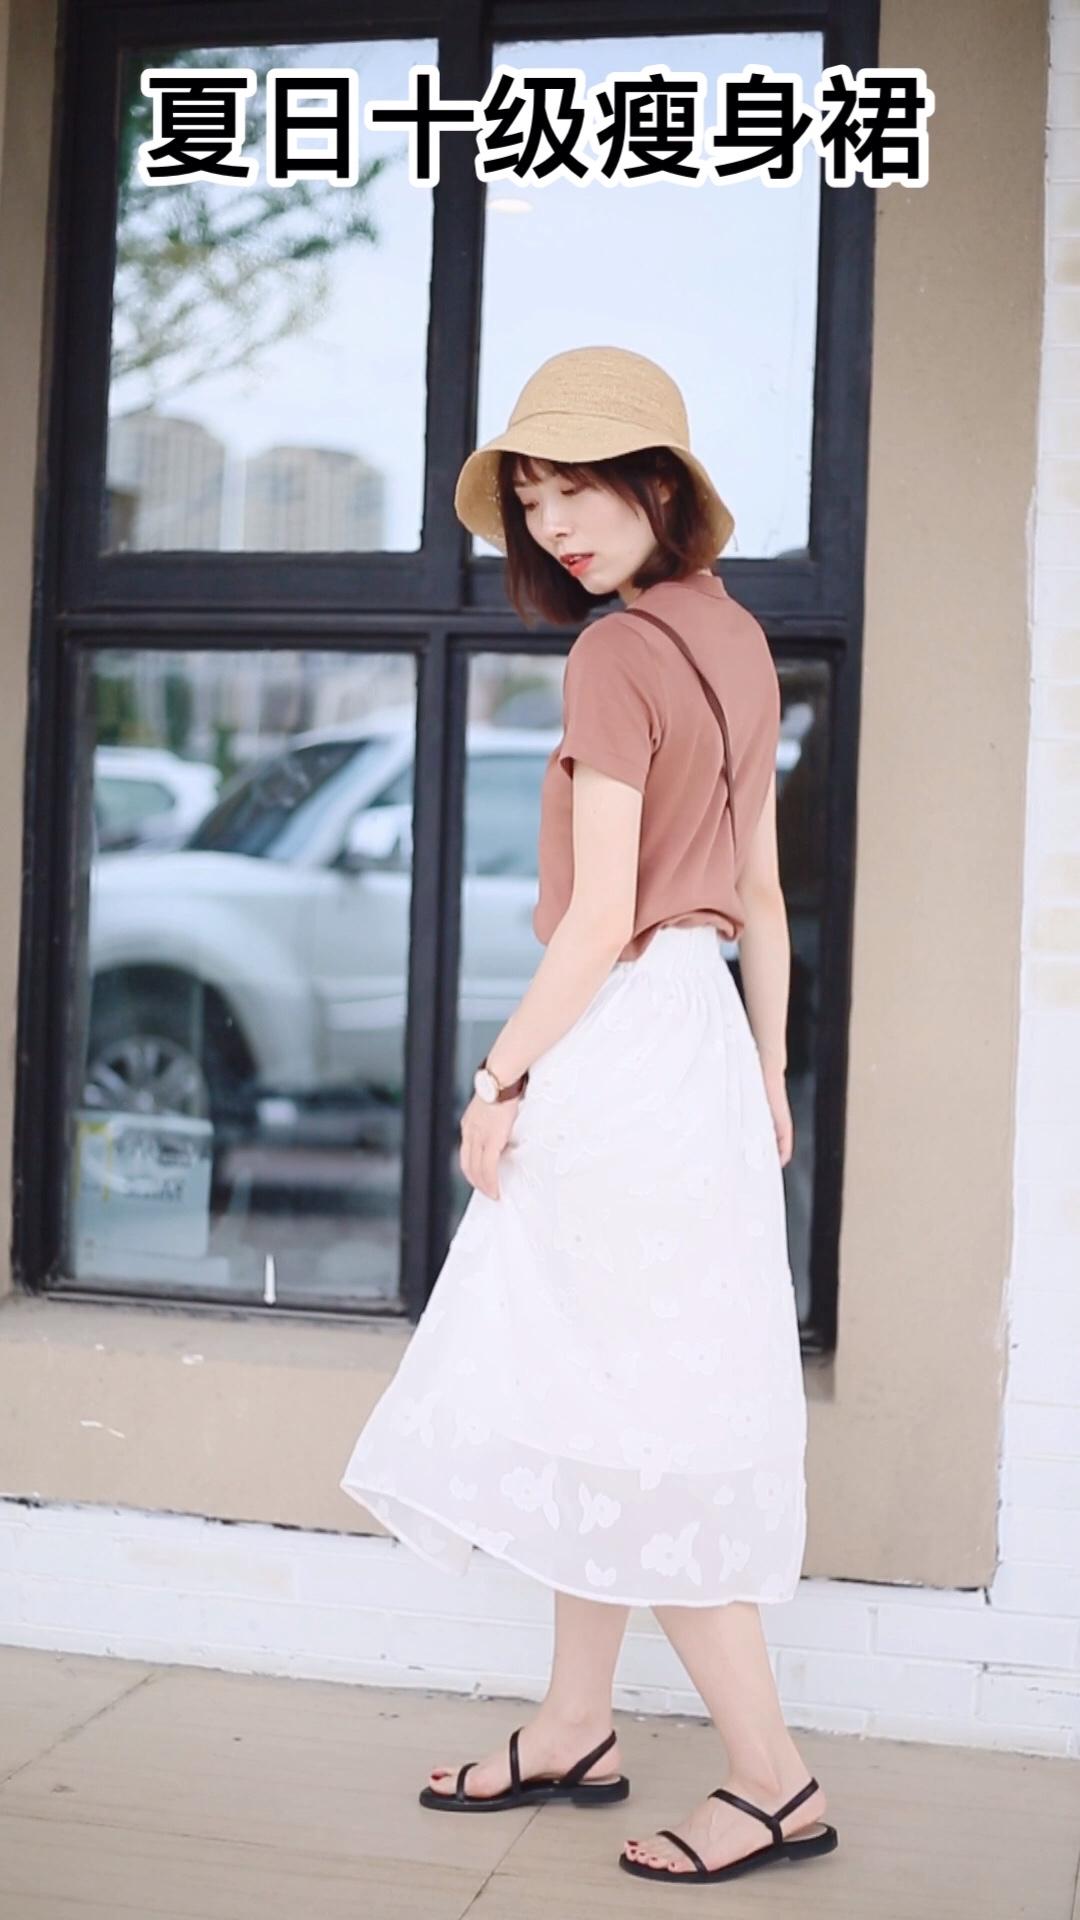 #618之后,小个子秒变168cm!# 夏天穿雪纺裙凉快又好看 这条刺绣花朵半身裙真的非常好看 还可以打造小蛮腰 提高腰线拉长身体比例 小个子mm必备哦